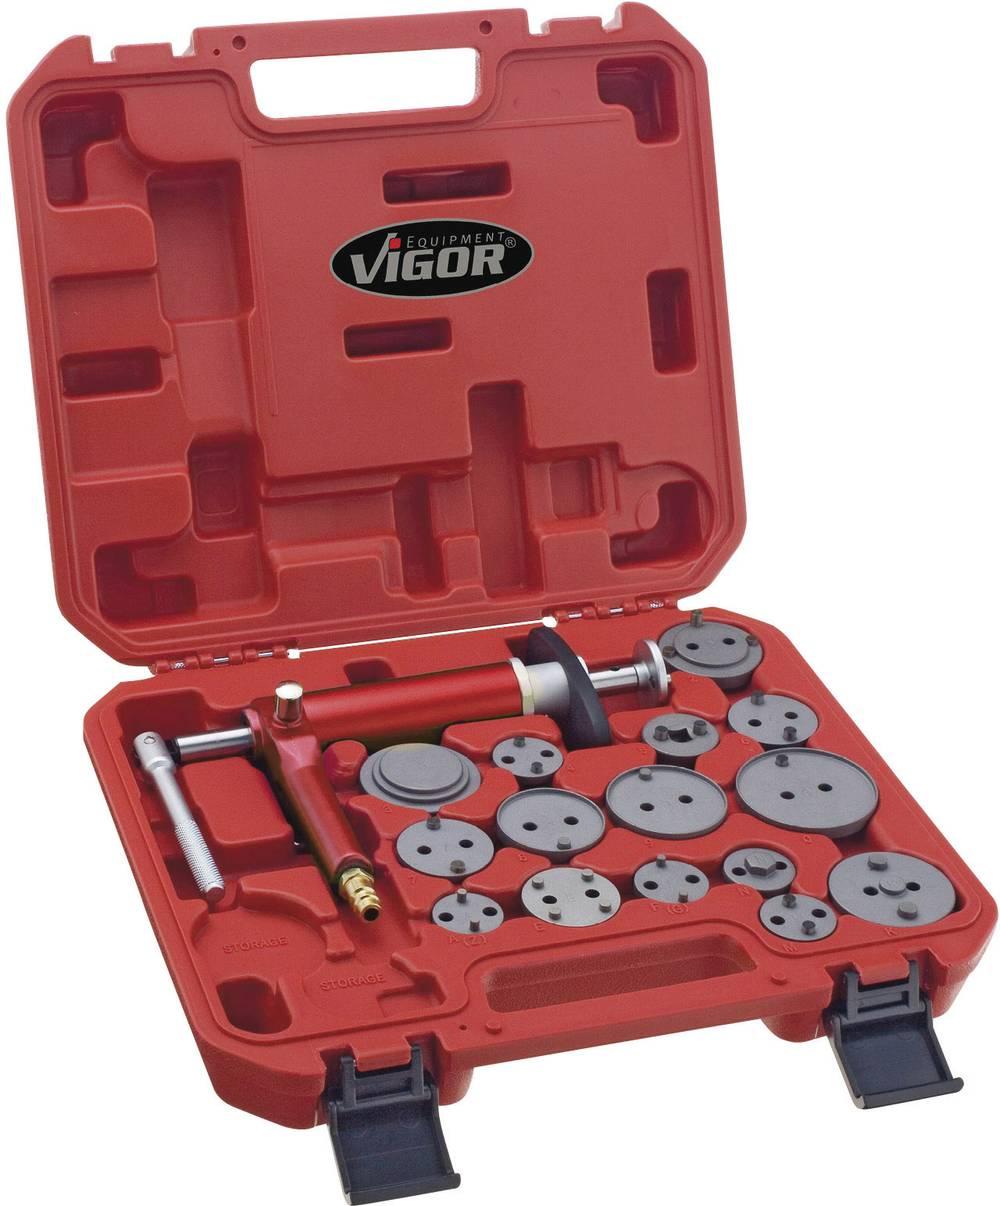 Bremsen stempel reset værktøj sæt 16 stk. Vigor V1711